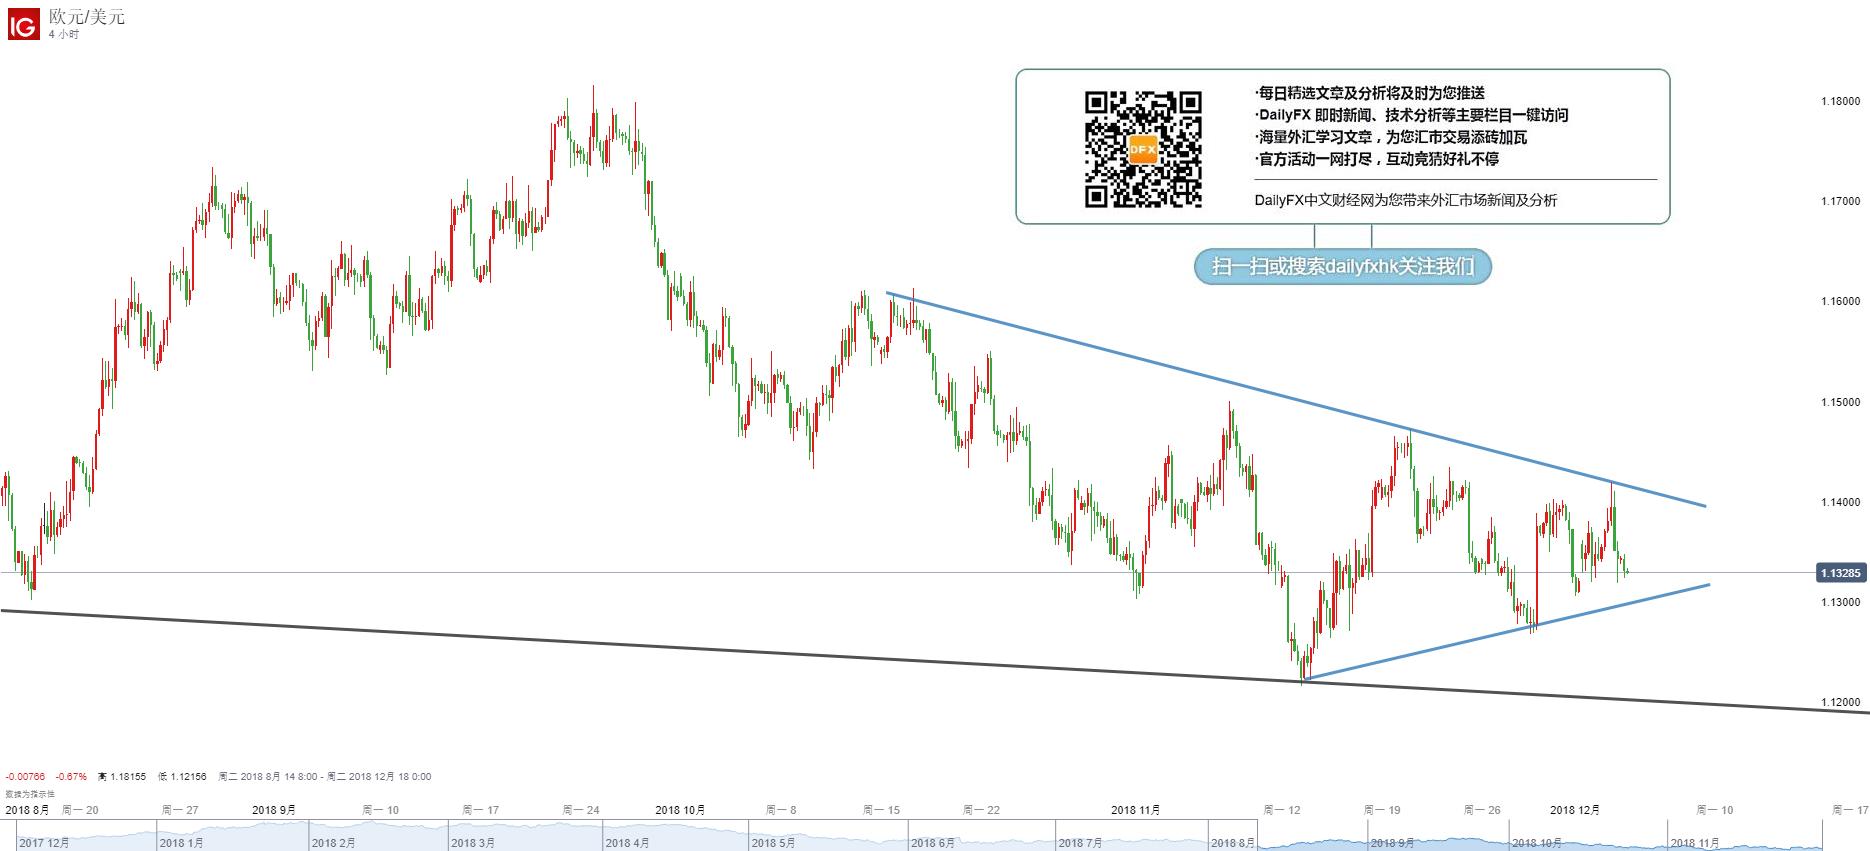 欧元/美元技术分析:继续关注1.1300-1.1400区间突破